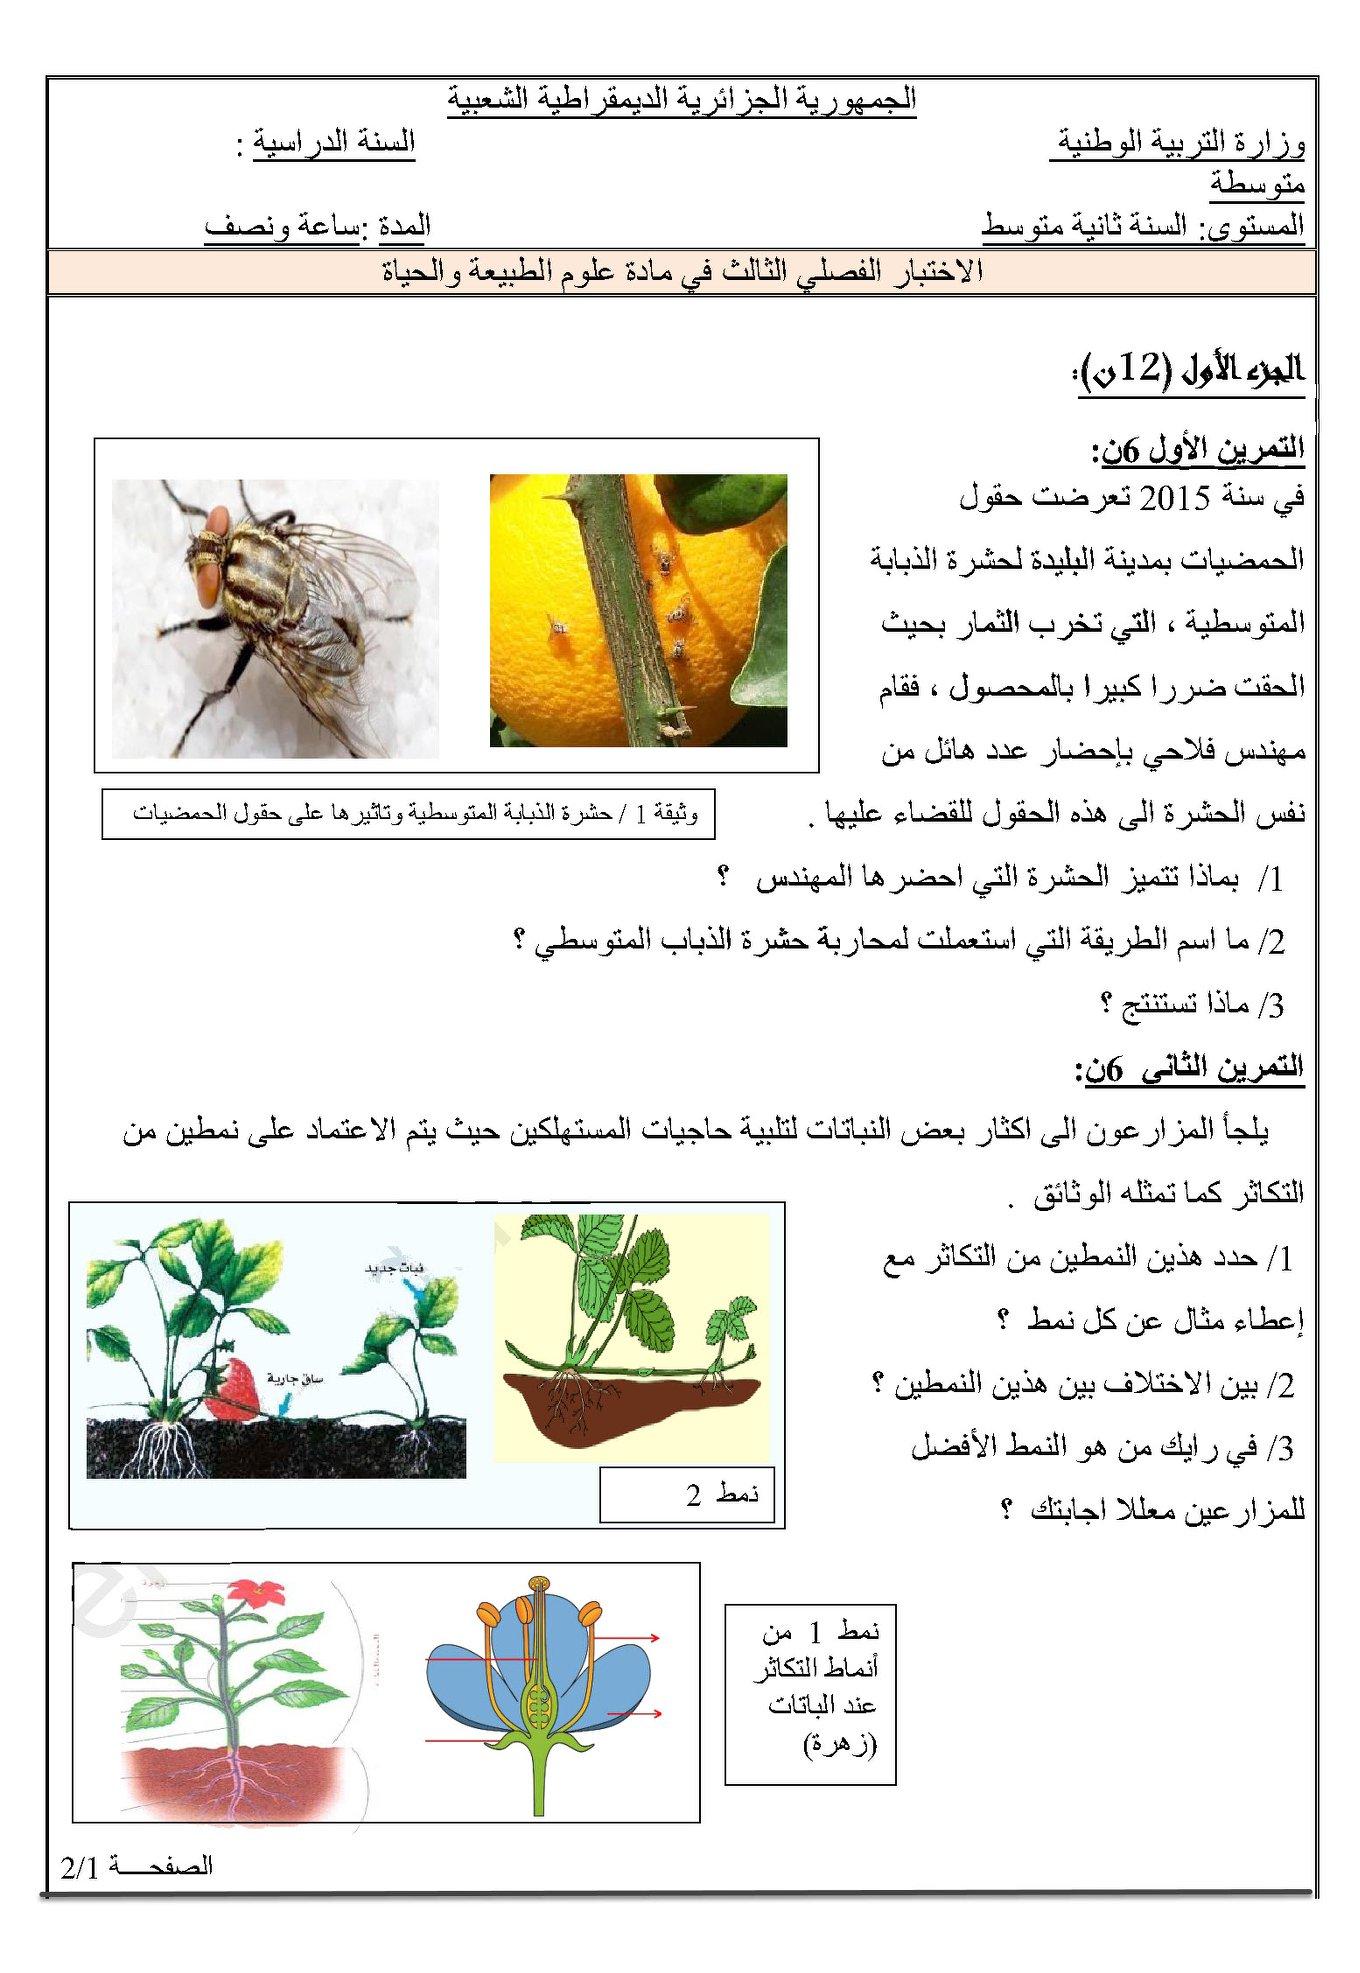 اختبار الفصل الثالث في العلوم الطبيعية السنة الثانية متوسط - الموضوع 05